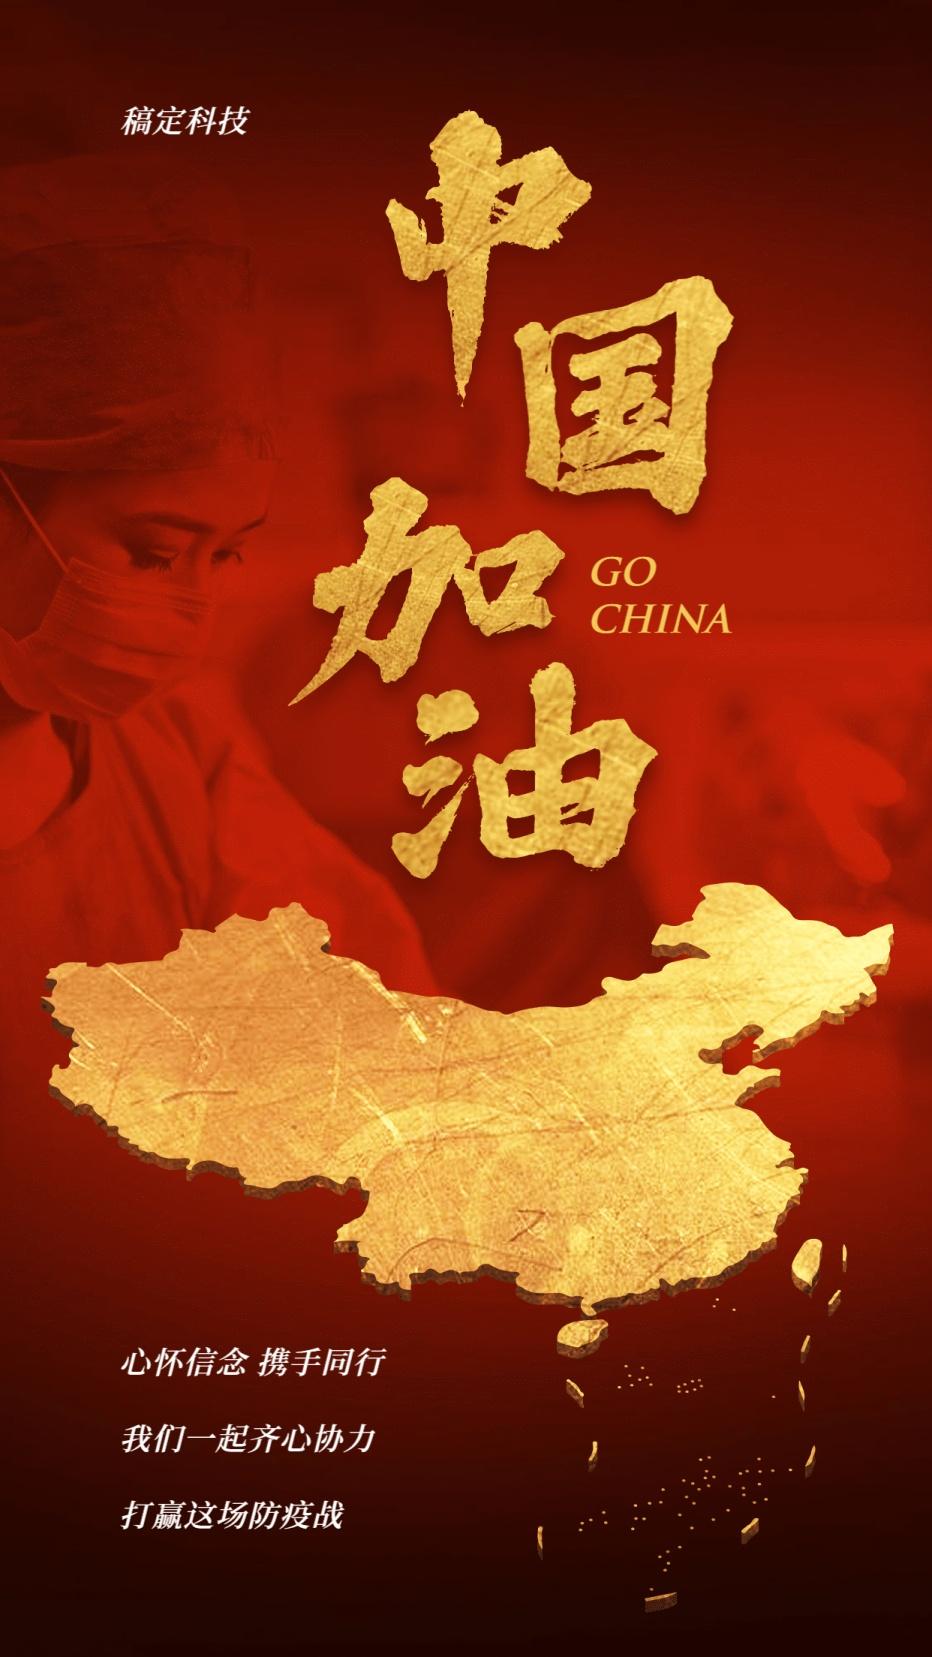 肺炎疫情中国加油武汉加油手机海报